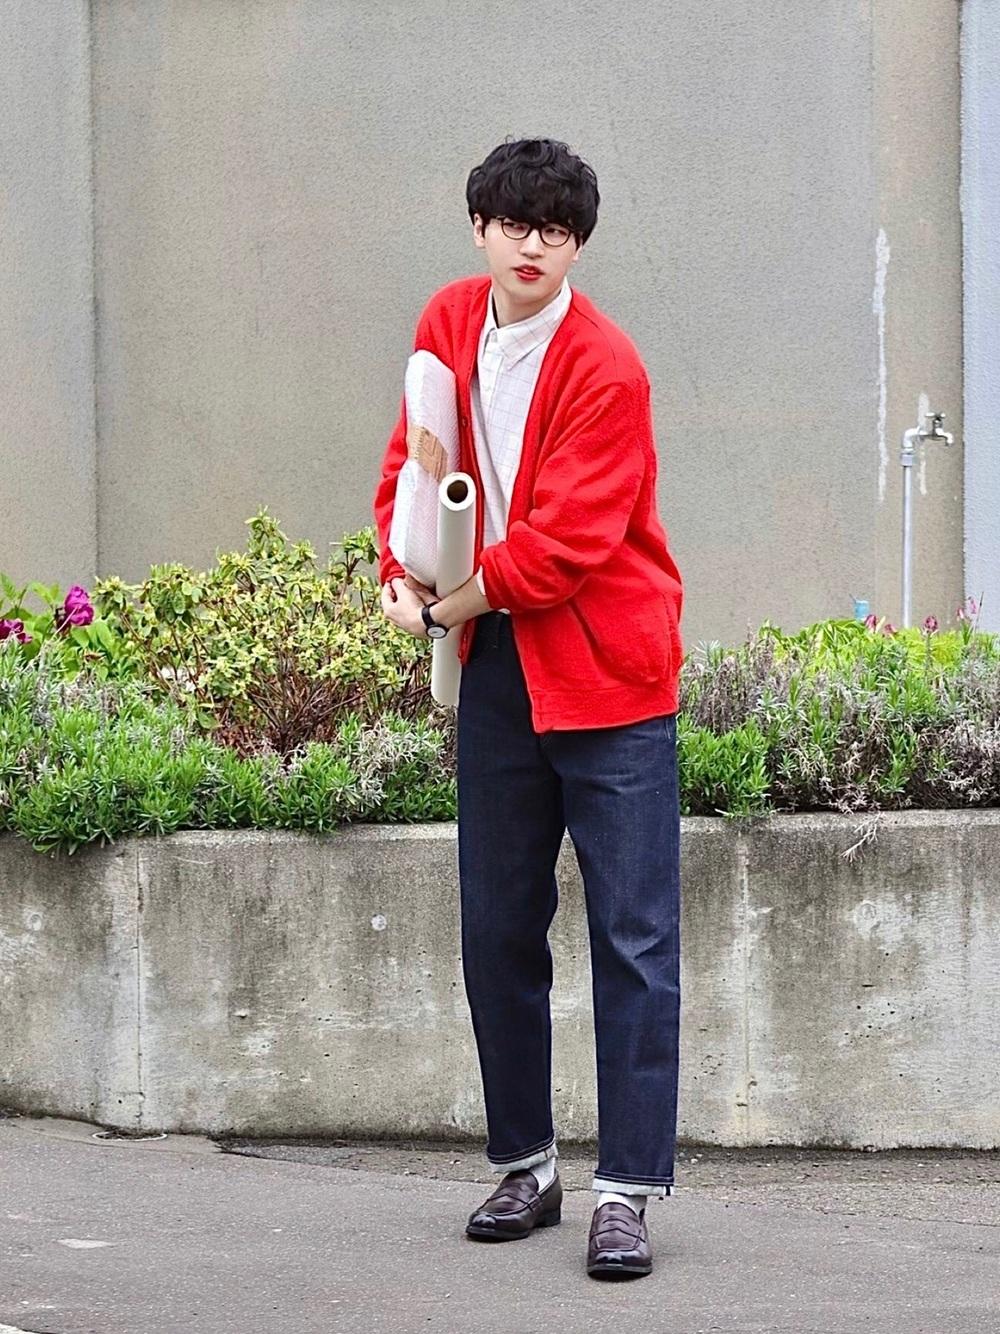 赤いカーディガンを着た男性